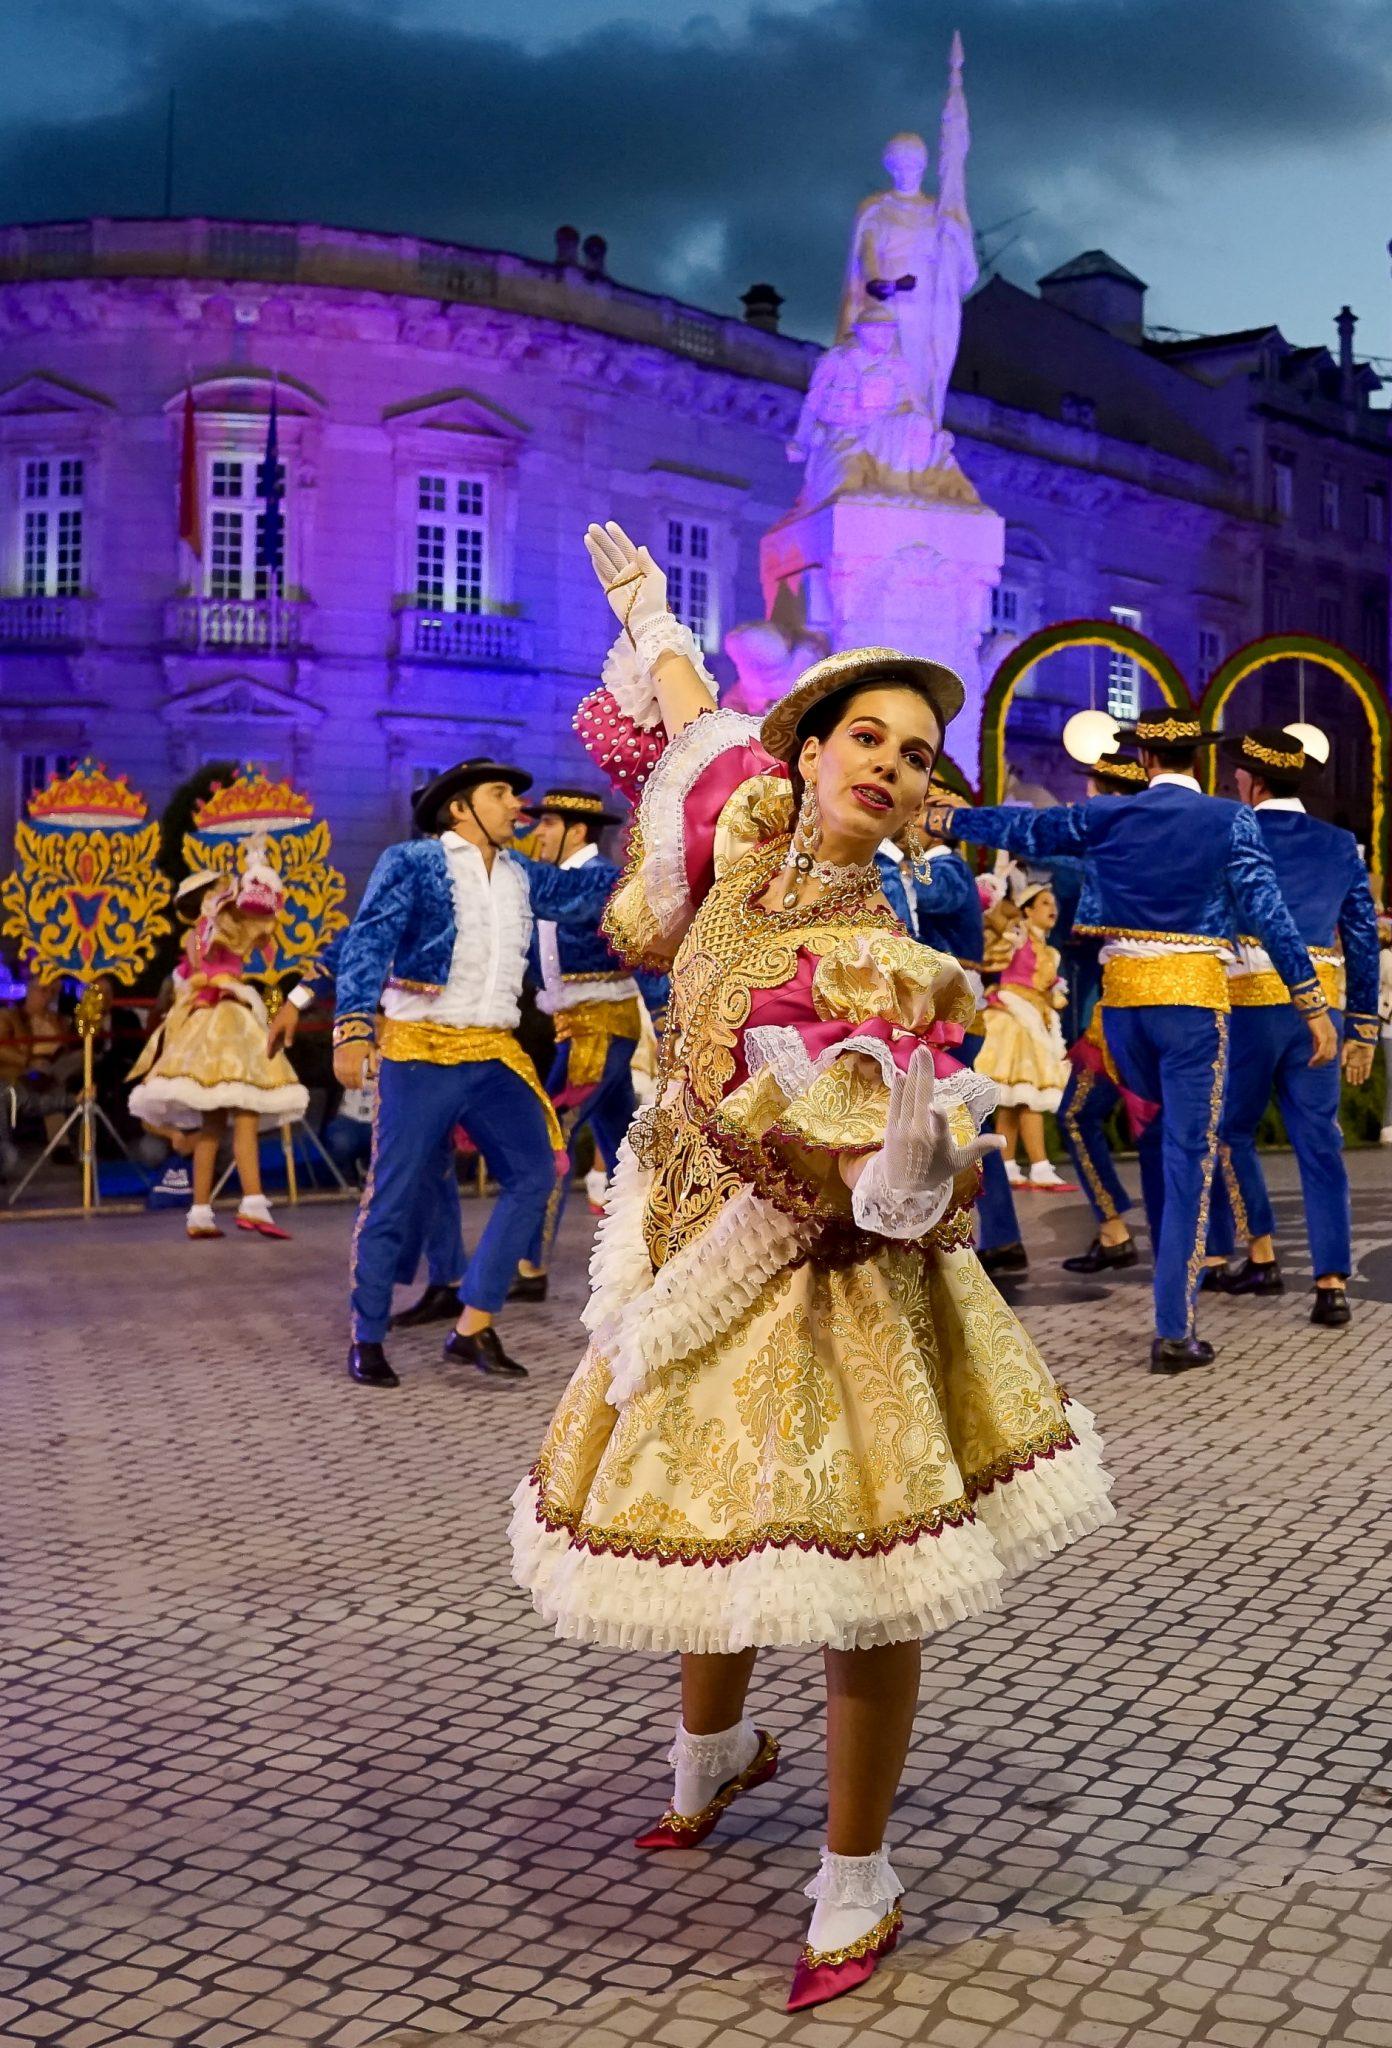 Uma mulher de vestido dourado com folhos brancos dança. Atrás dela um grupo de homens de roupa azul dança numa roda. Em segundo plano, uma estátua composta por uma figura masculina e uma feminina.